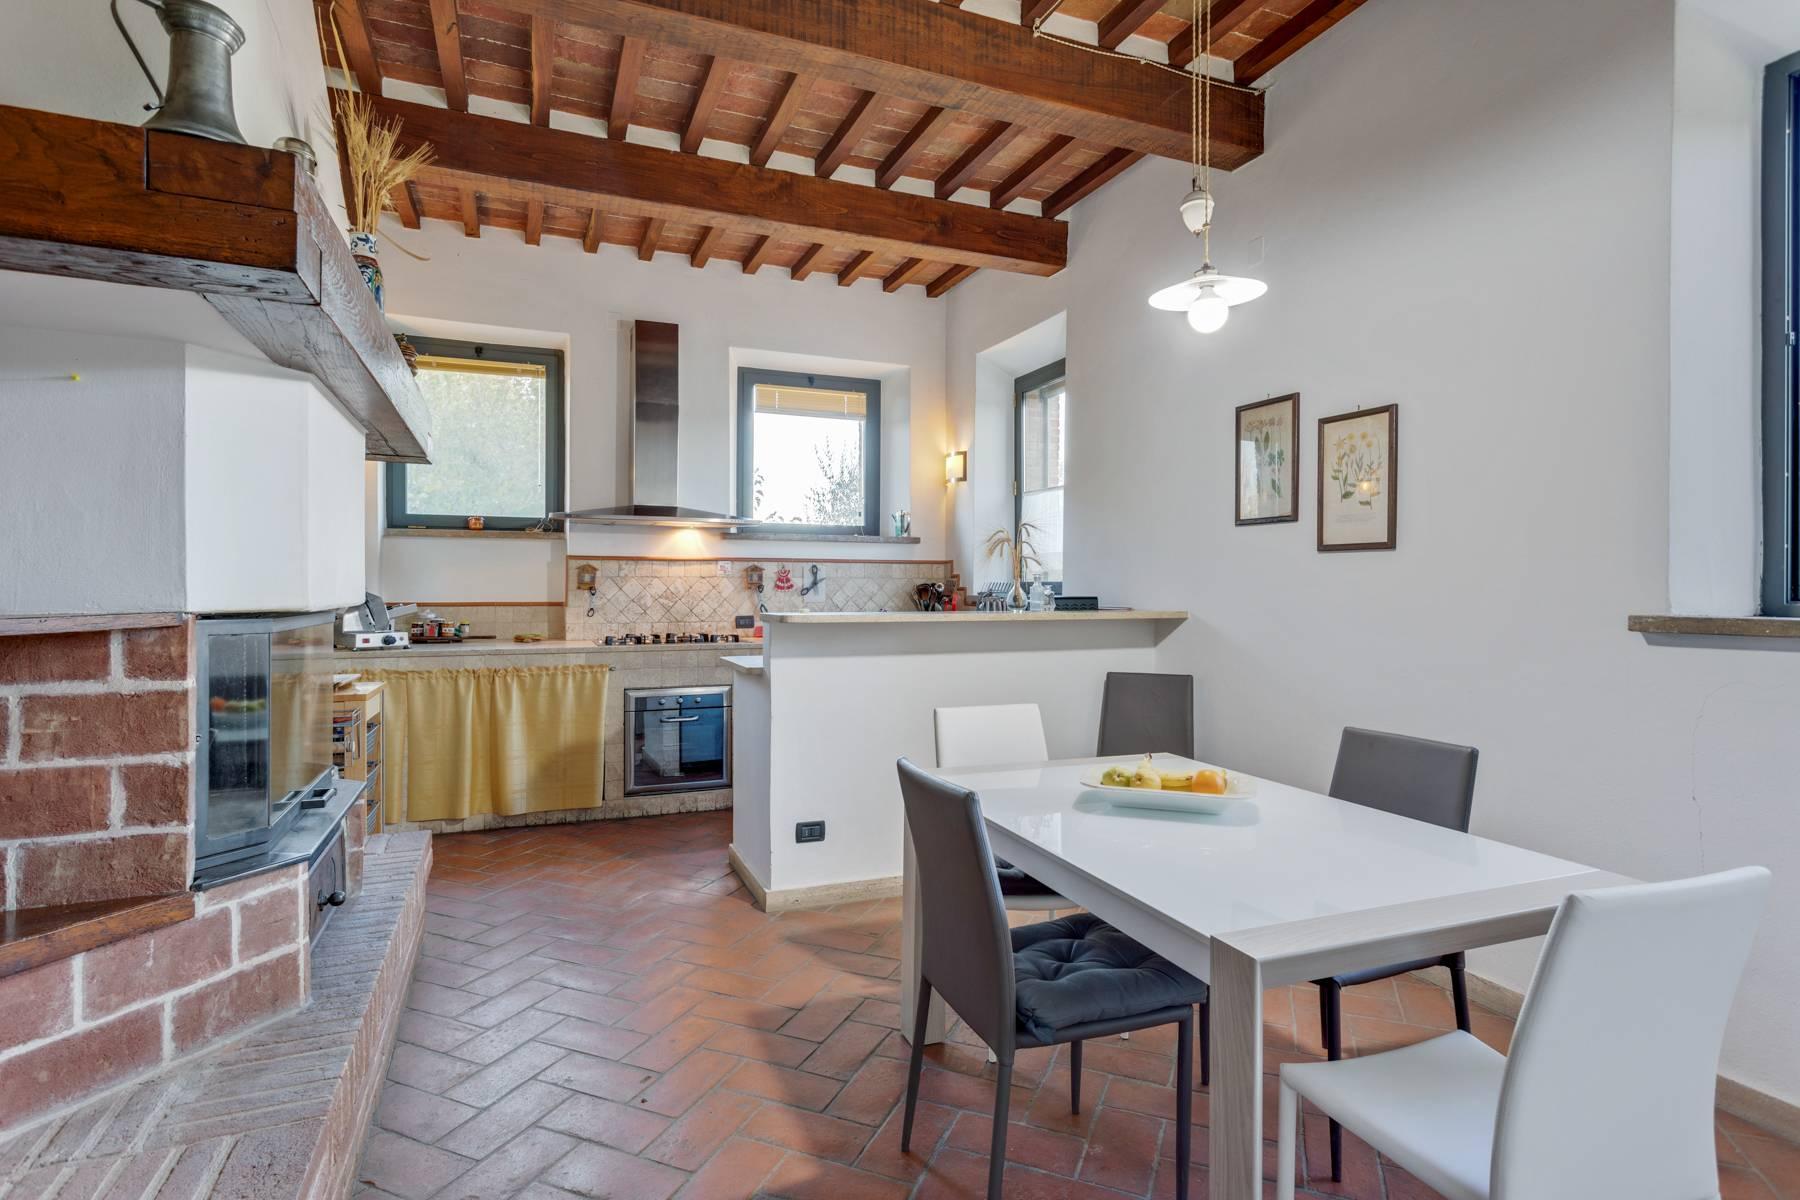 Rustico in Vendita a Montepulciano: 5 locali, 561 mq - Foto 15